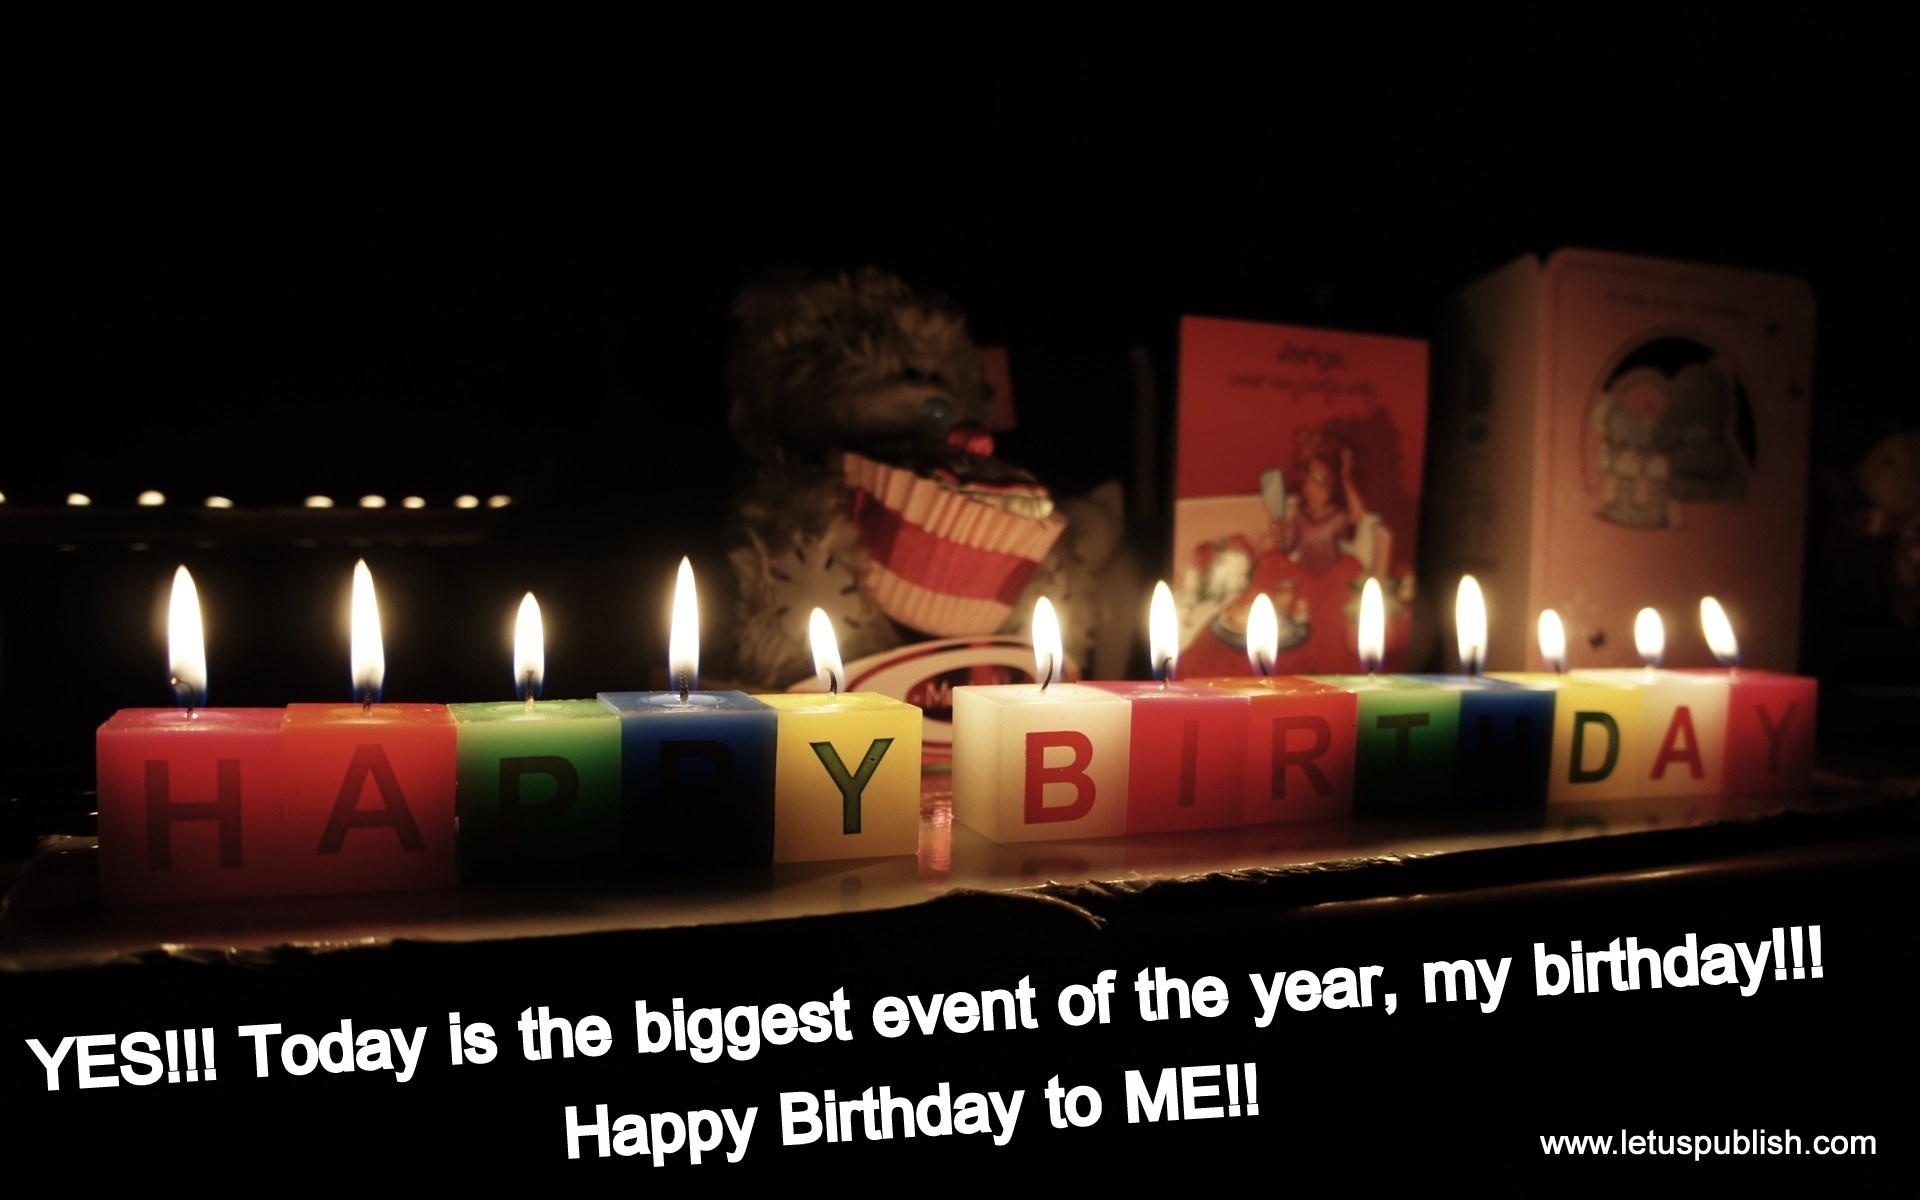 Happy birthday to me memorable quotes